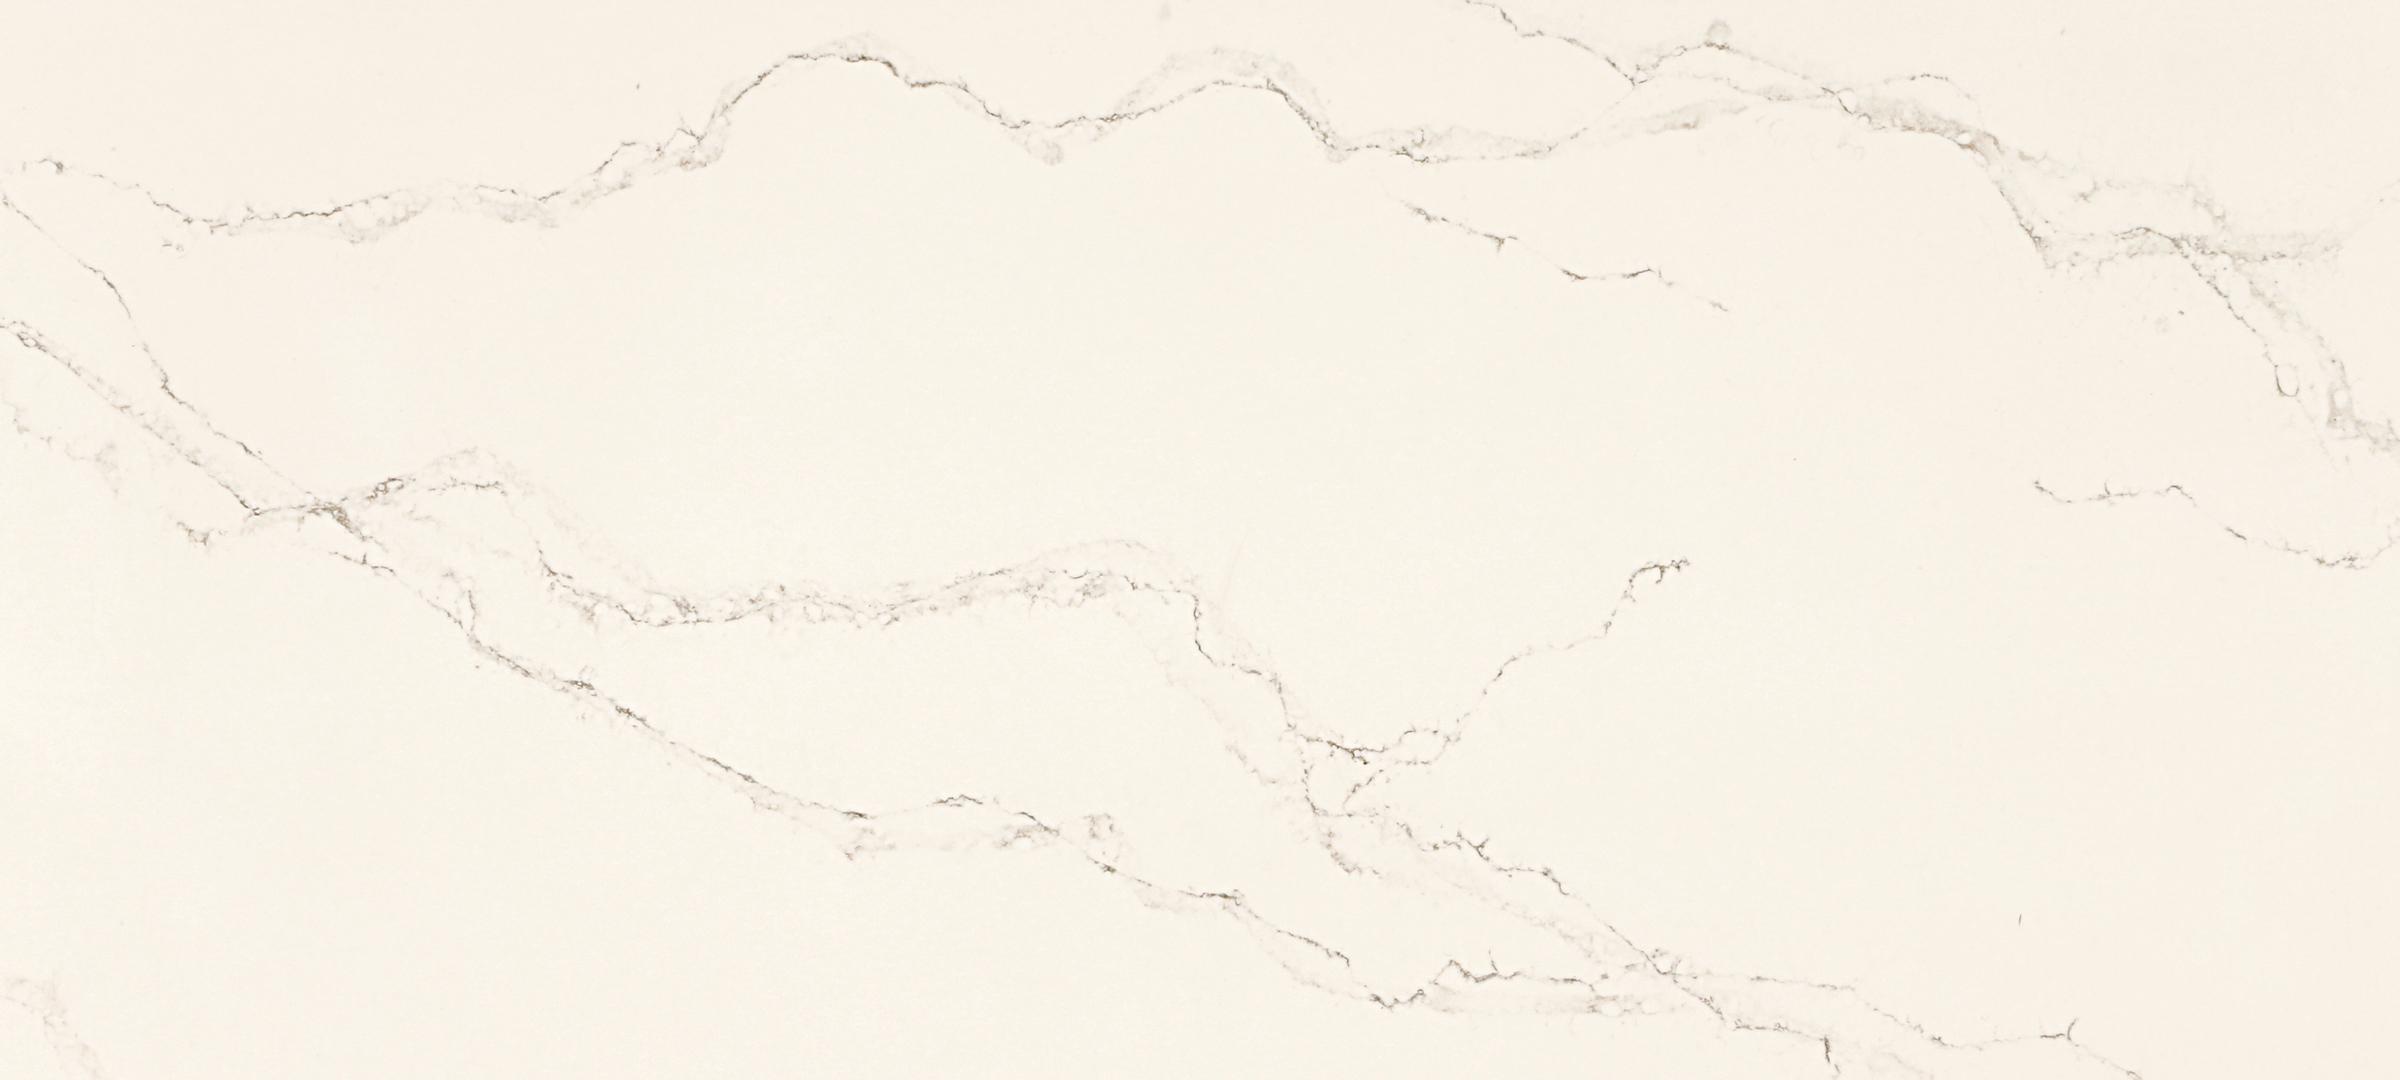 5111_statuario nuvo